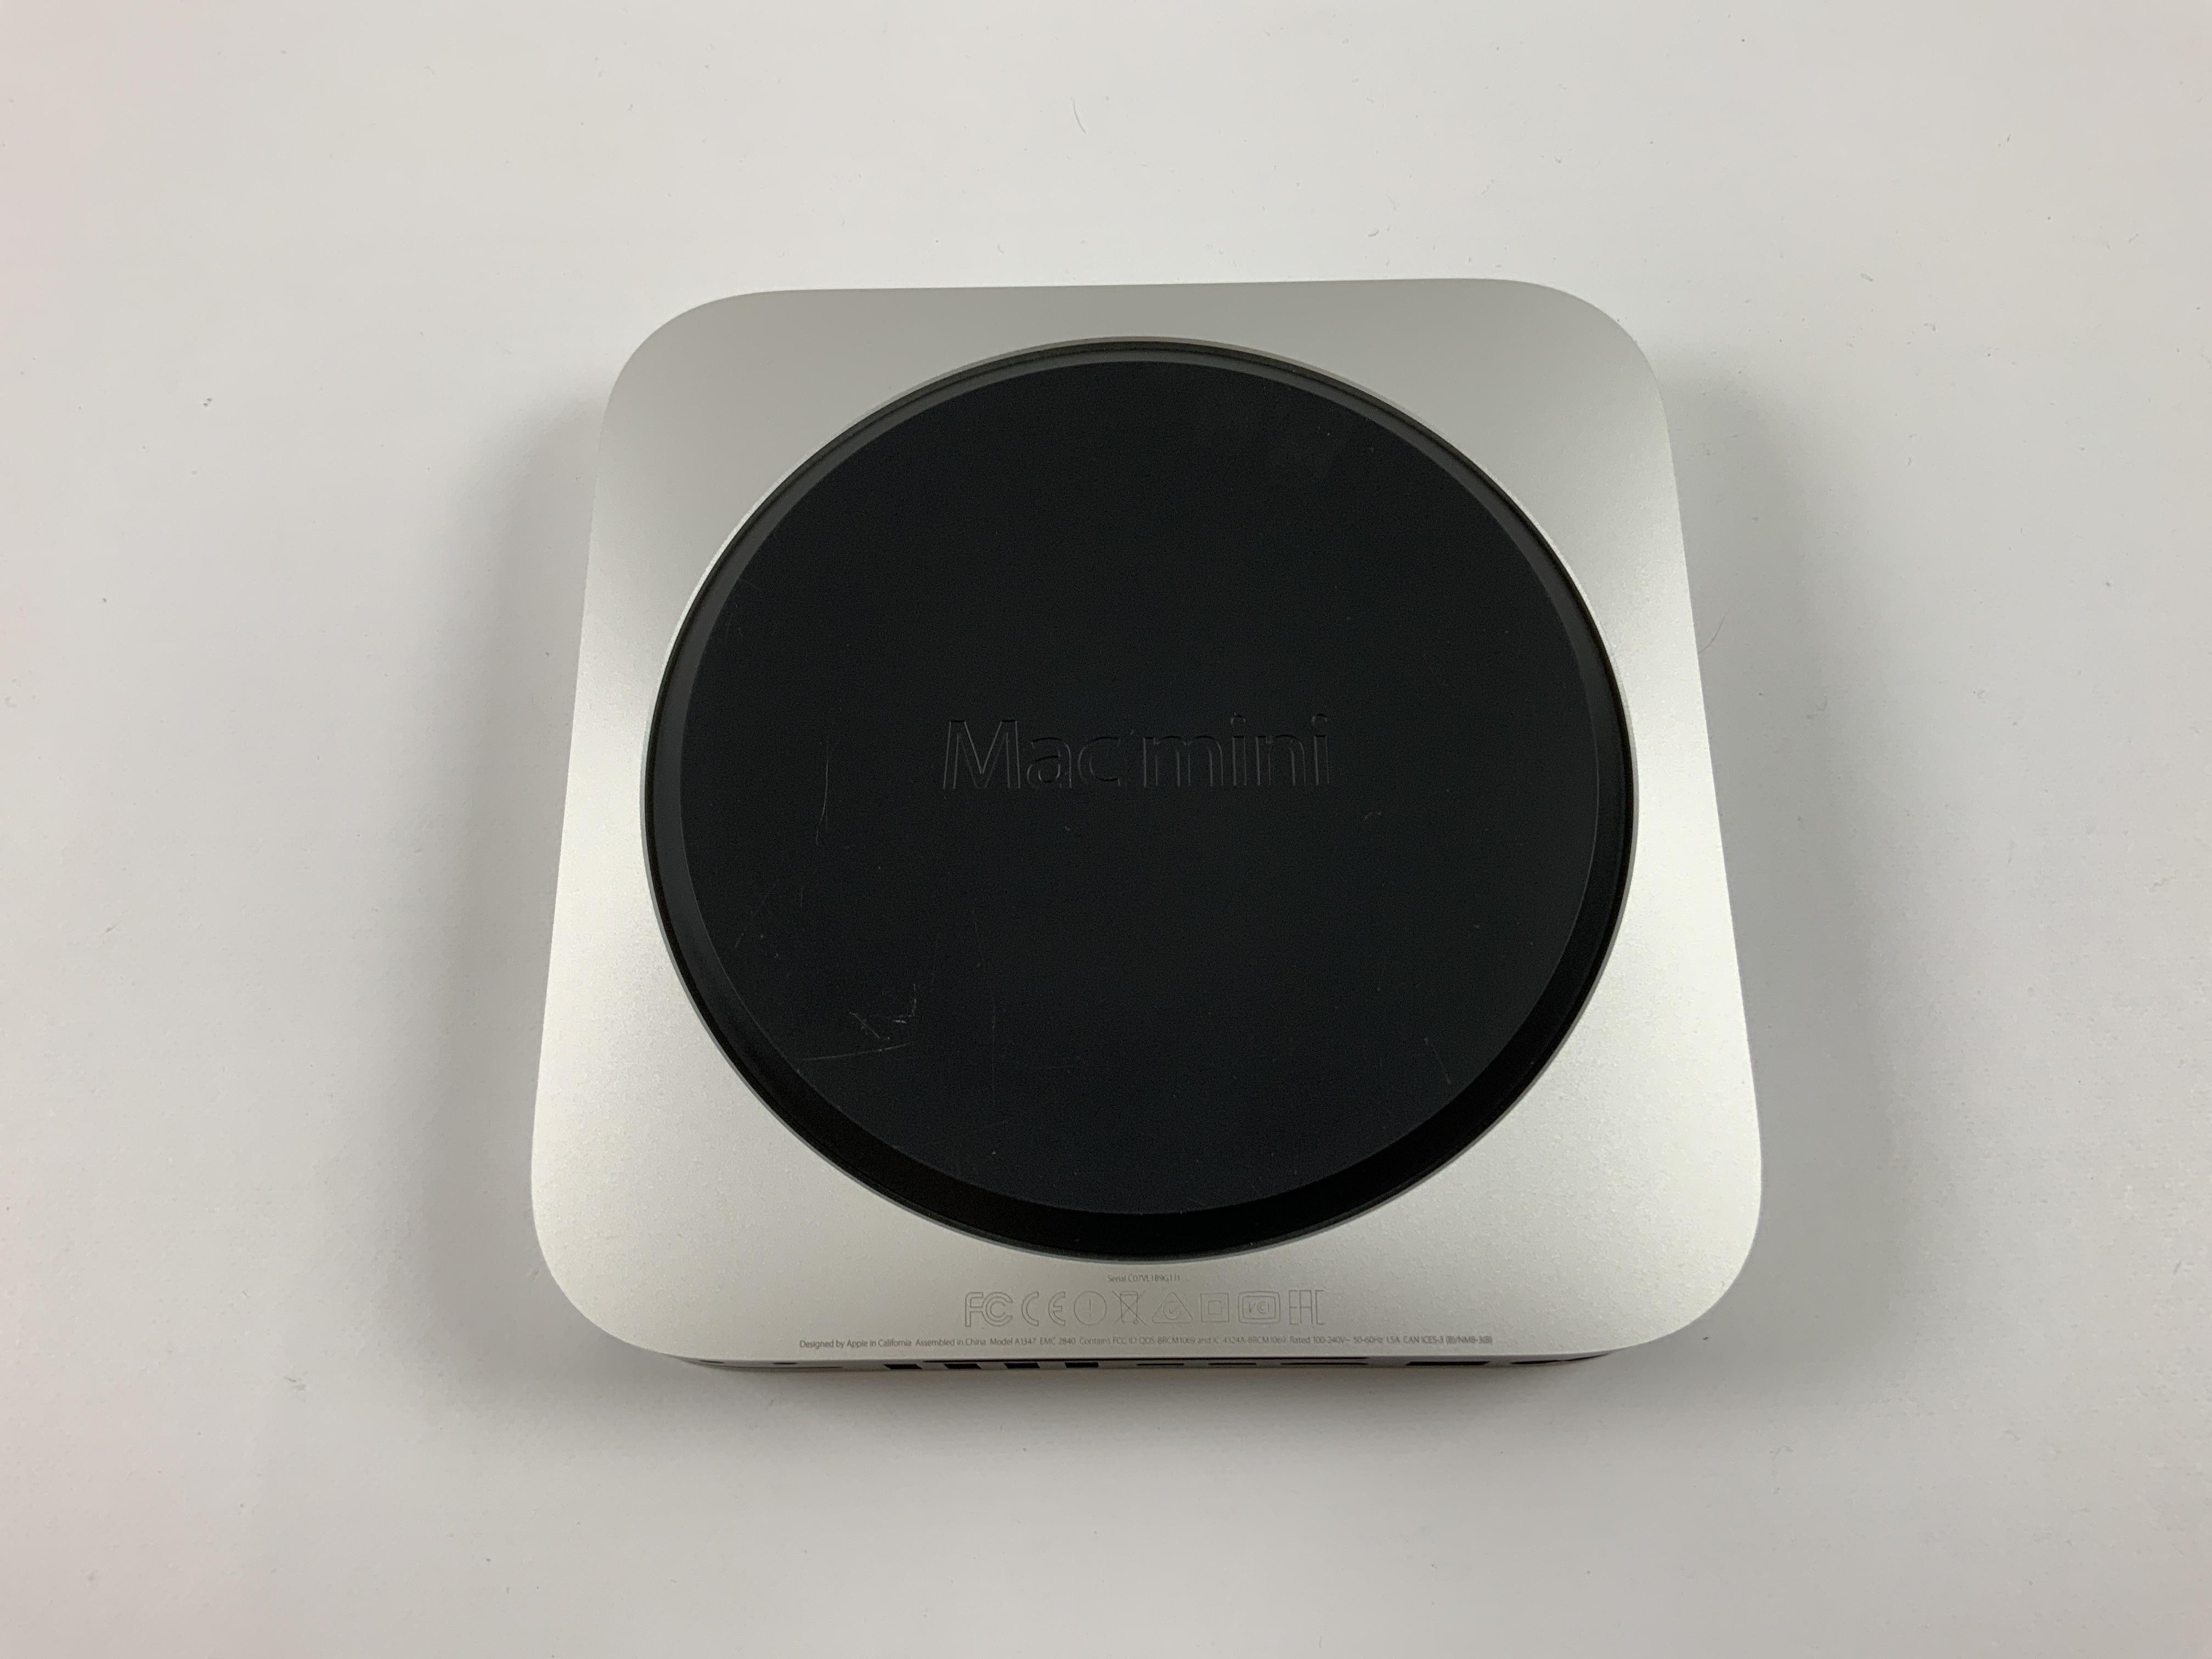 Mac Mini Late 2014 (Intel Core i5 2.6 GHz 8 GB RAM 256 GB SSD), Intel Core i5 2.6 GHz, 8 GB RAM, 256 GB SSD, Kuva 2